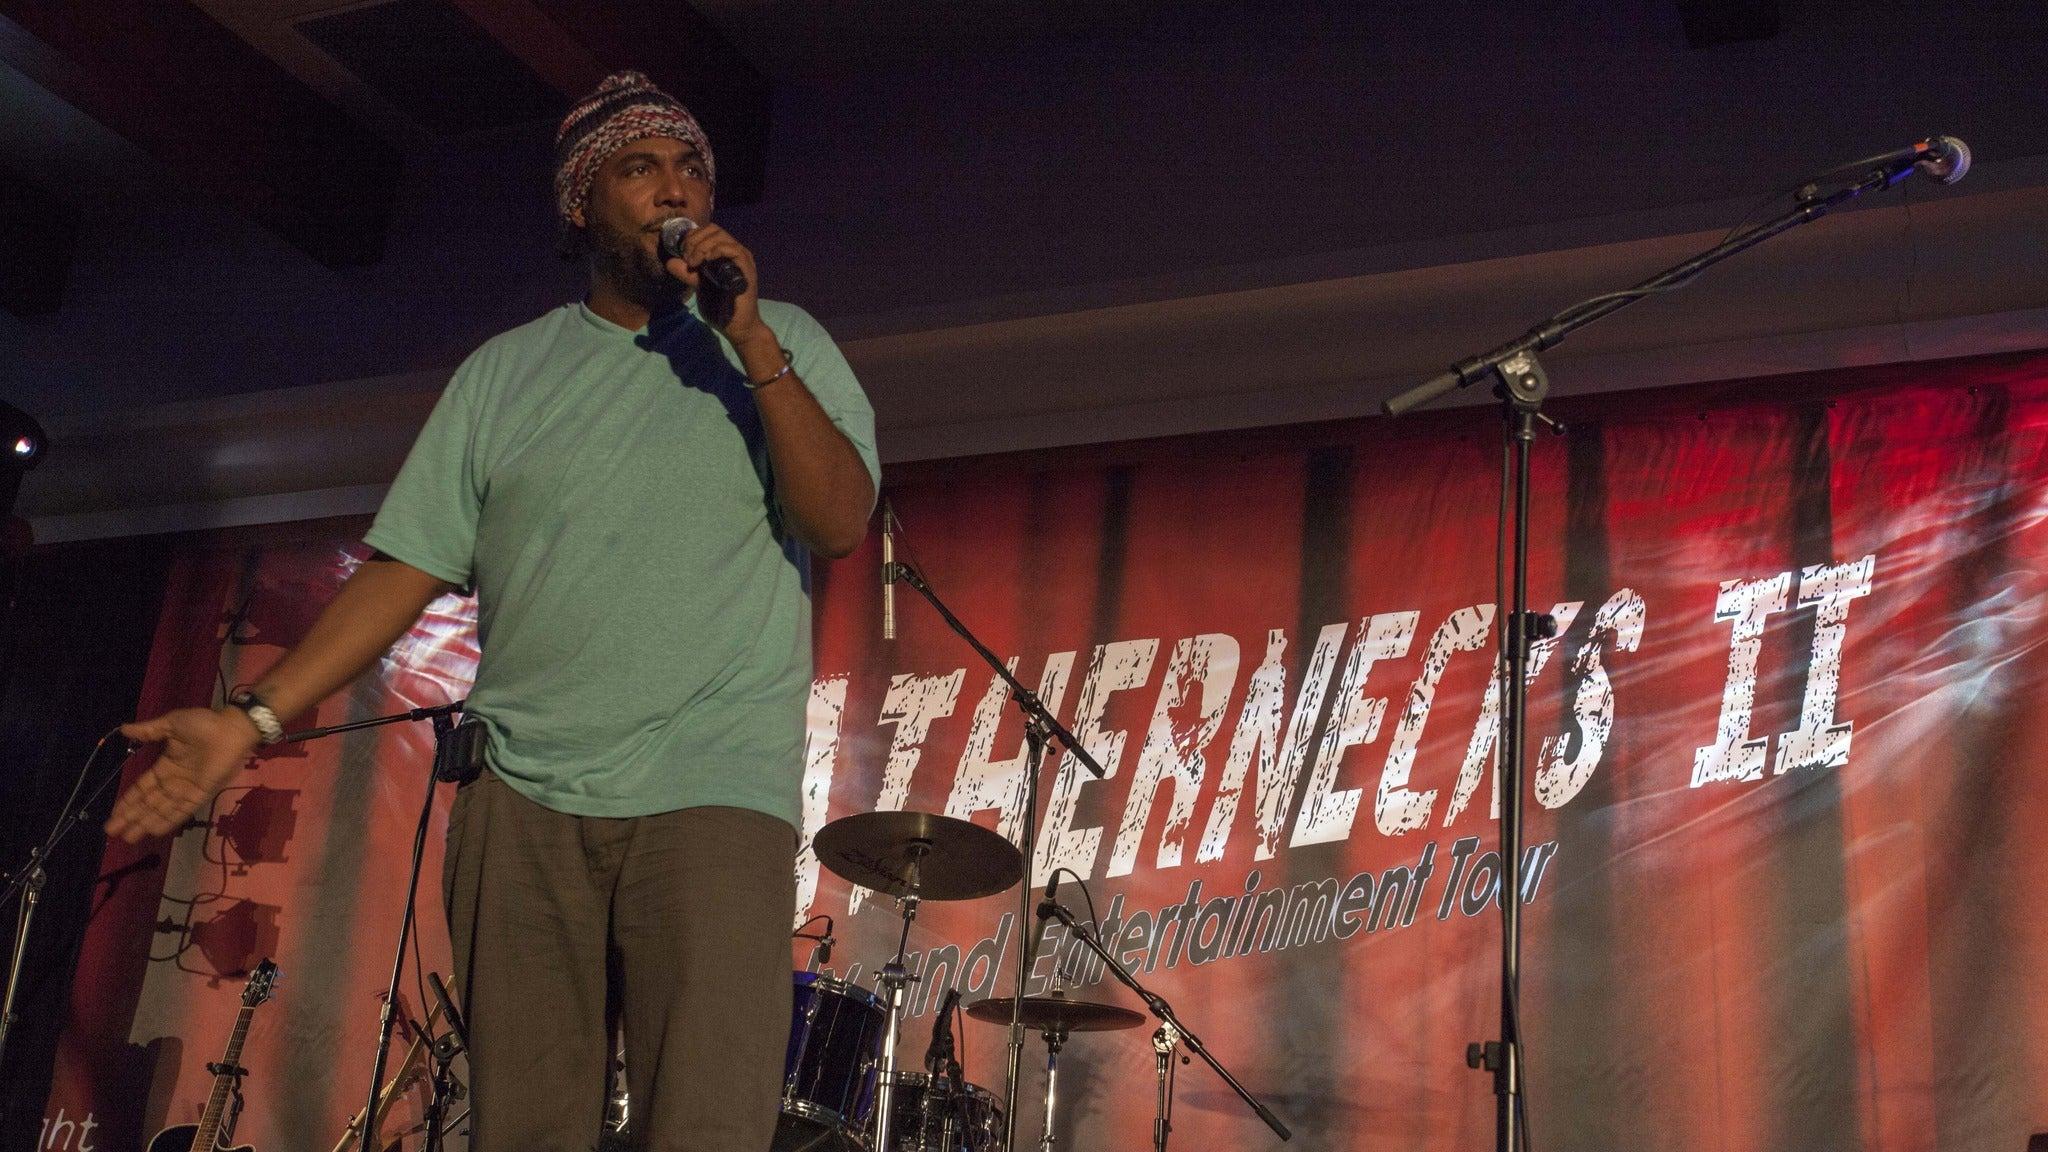 Geoff Keith at Ontario Improv